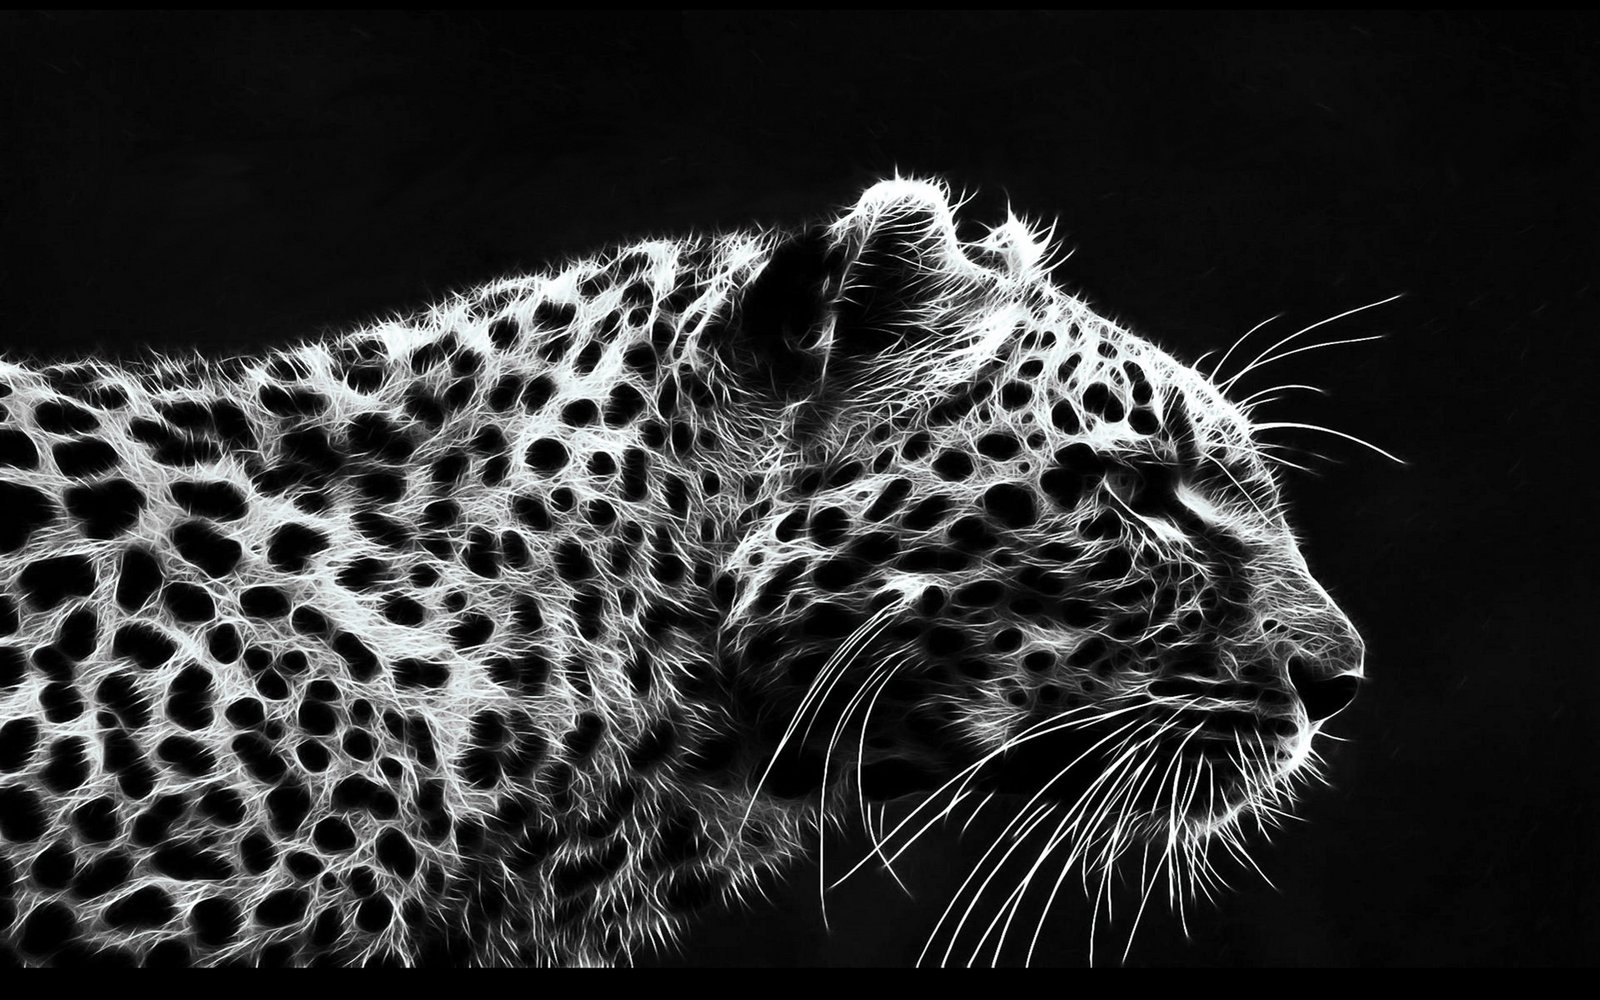 صور : اجمل النمور .. حيوان جميل رغم قوتة